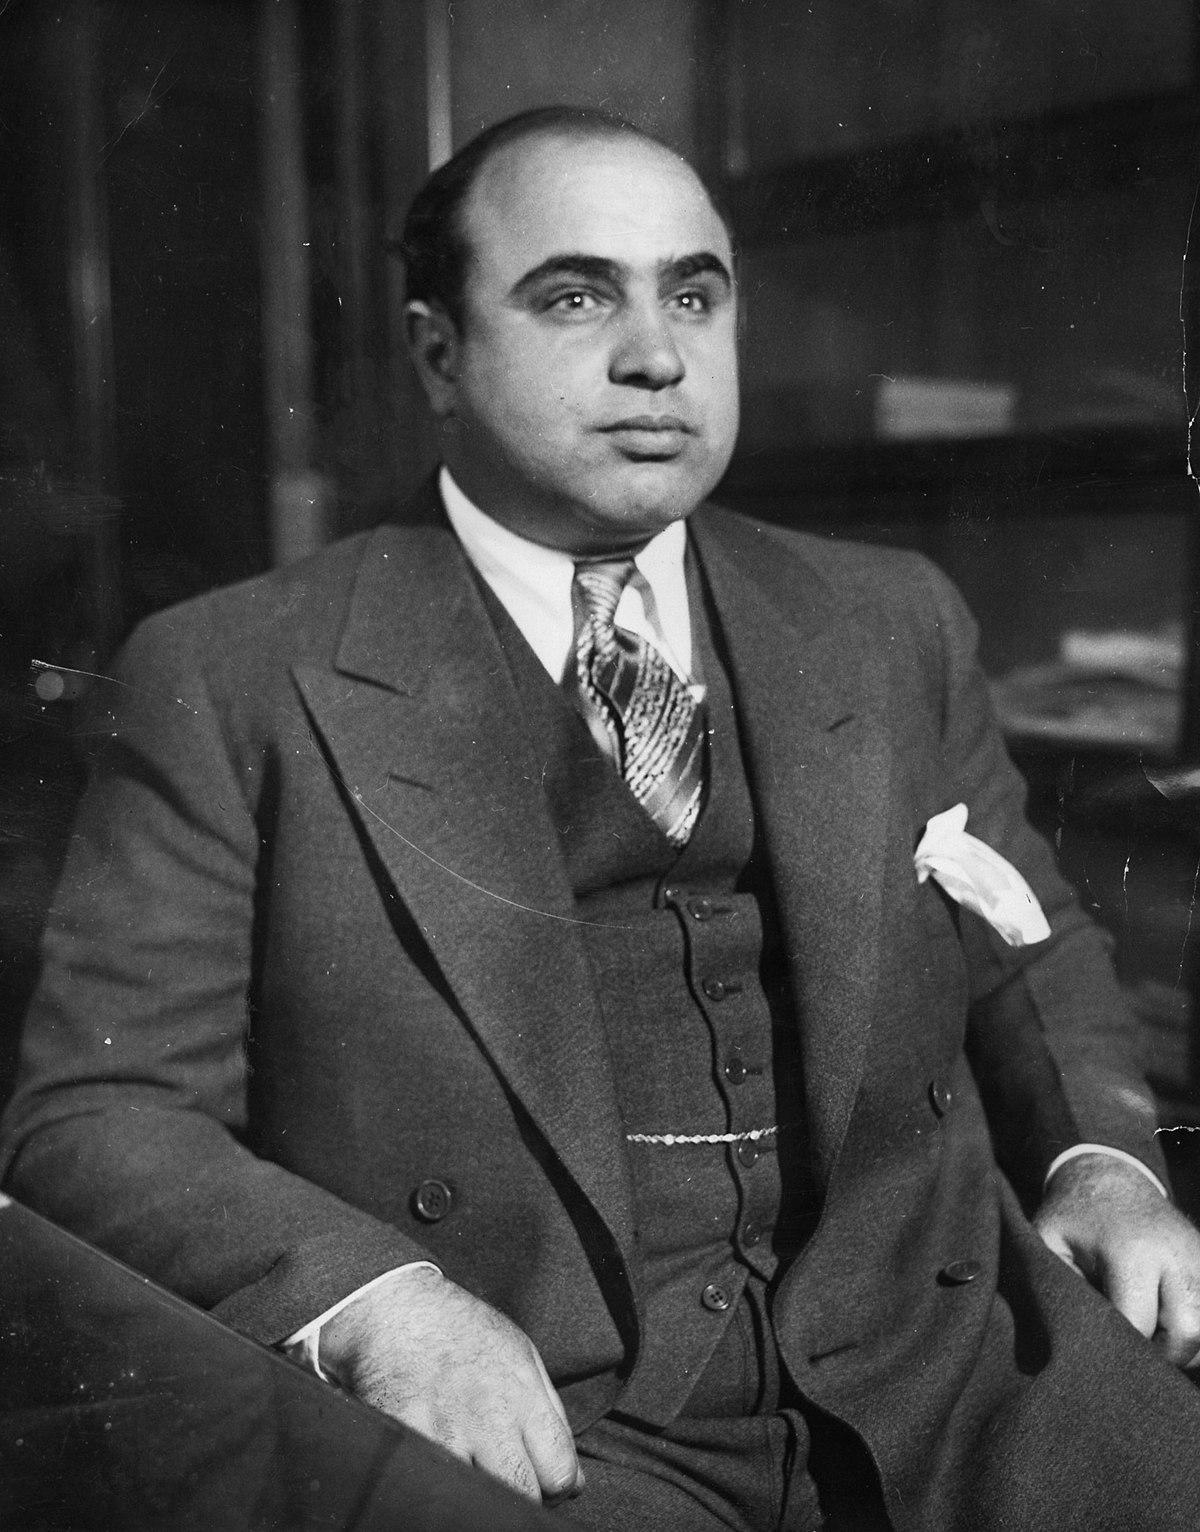 1200px-Al_Capone_in_1930